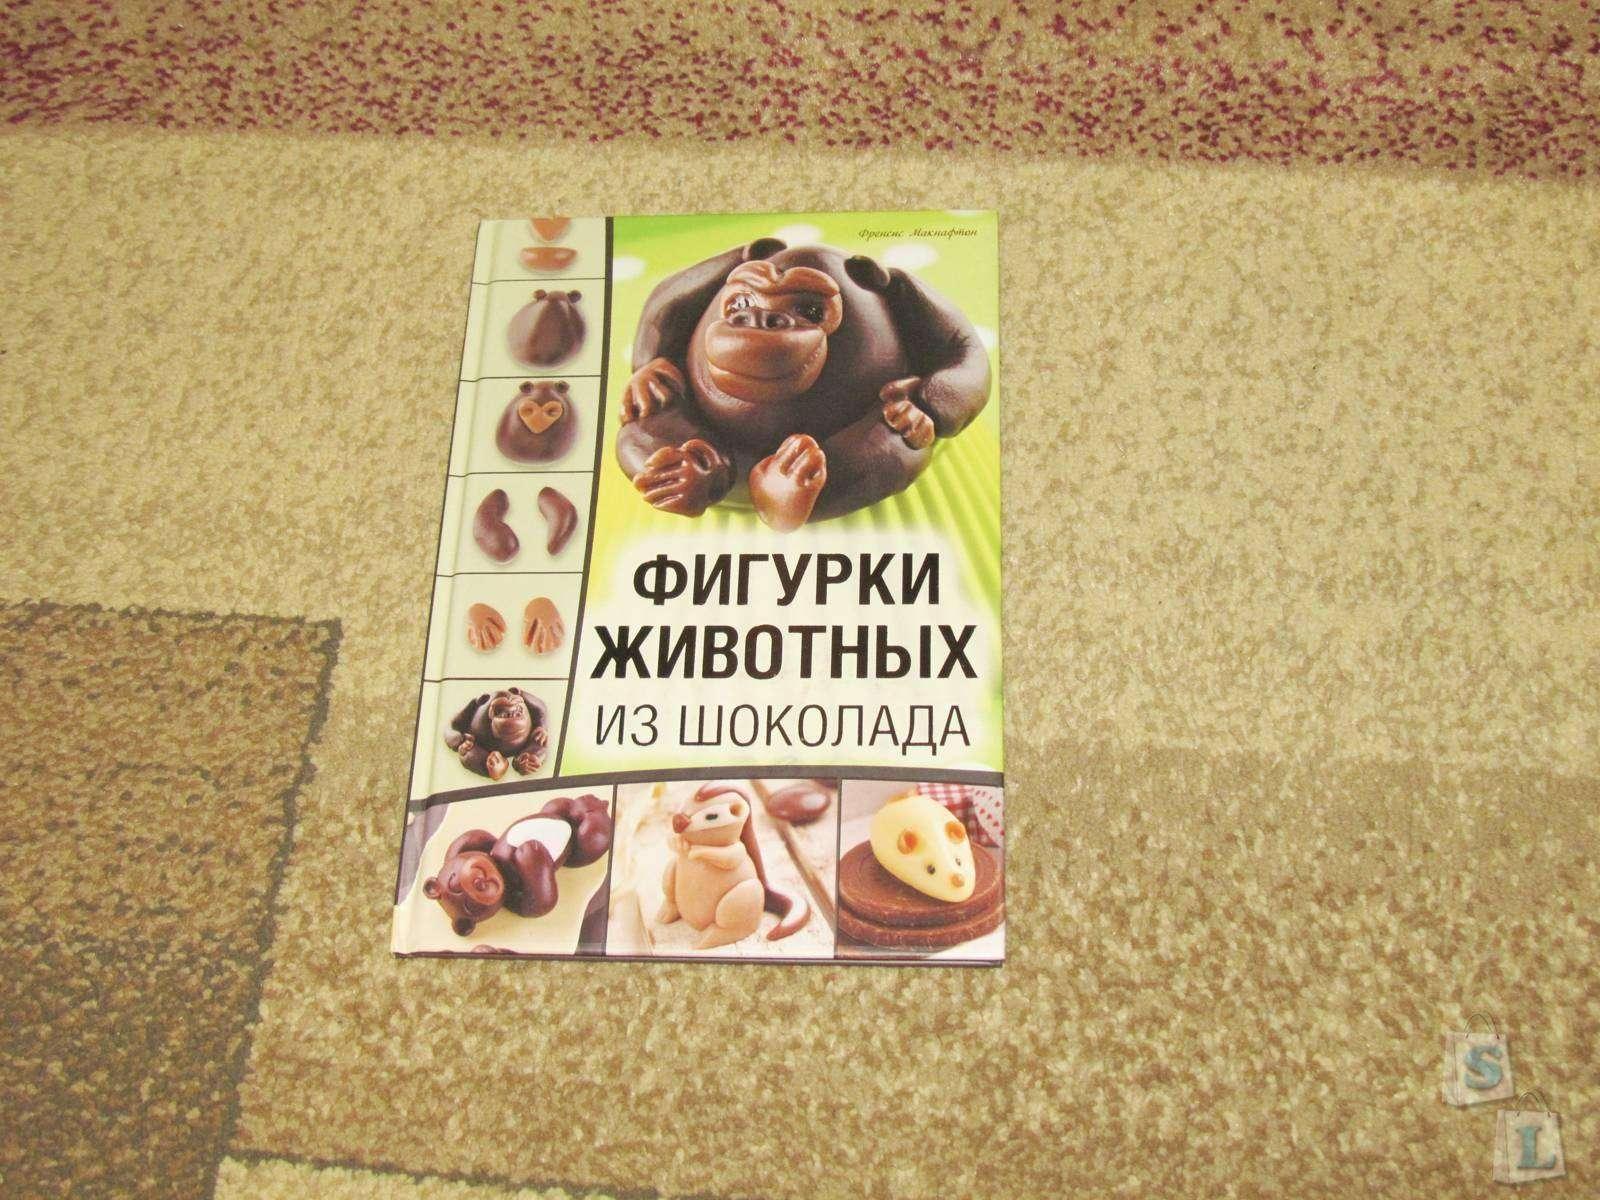 Книжный Клуб «Клуб Семейного Досуга»: Обзор книг по акции от Книжного Клуба Семейного досуга